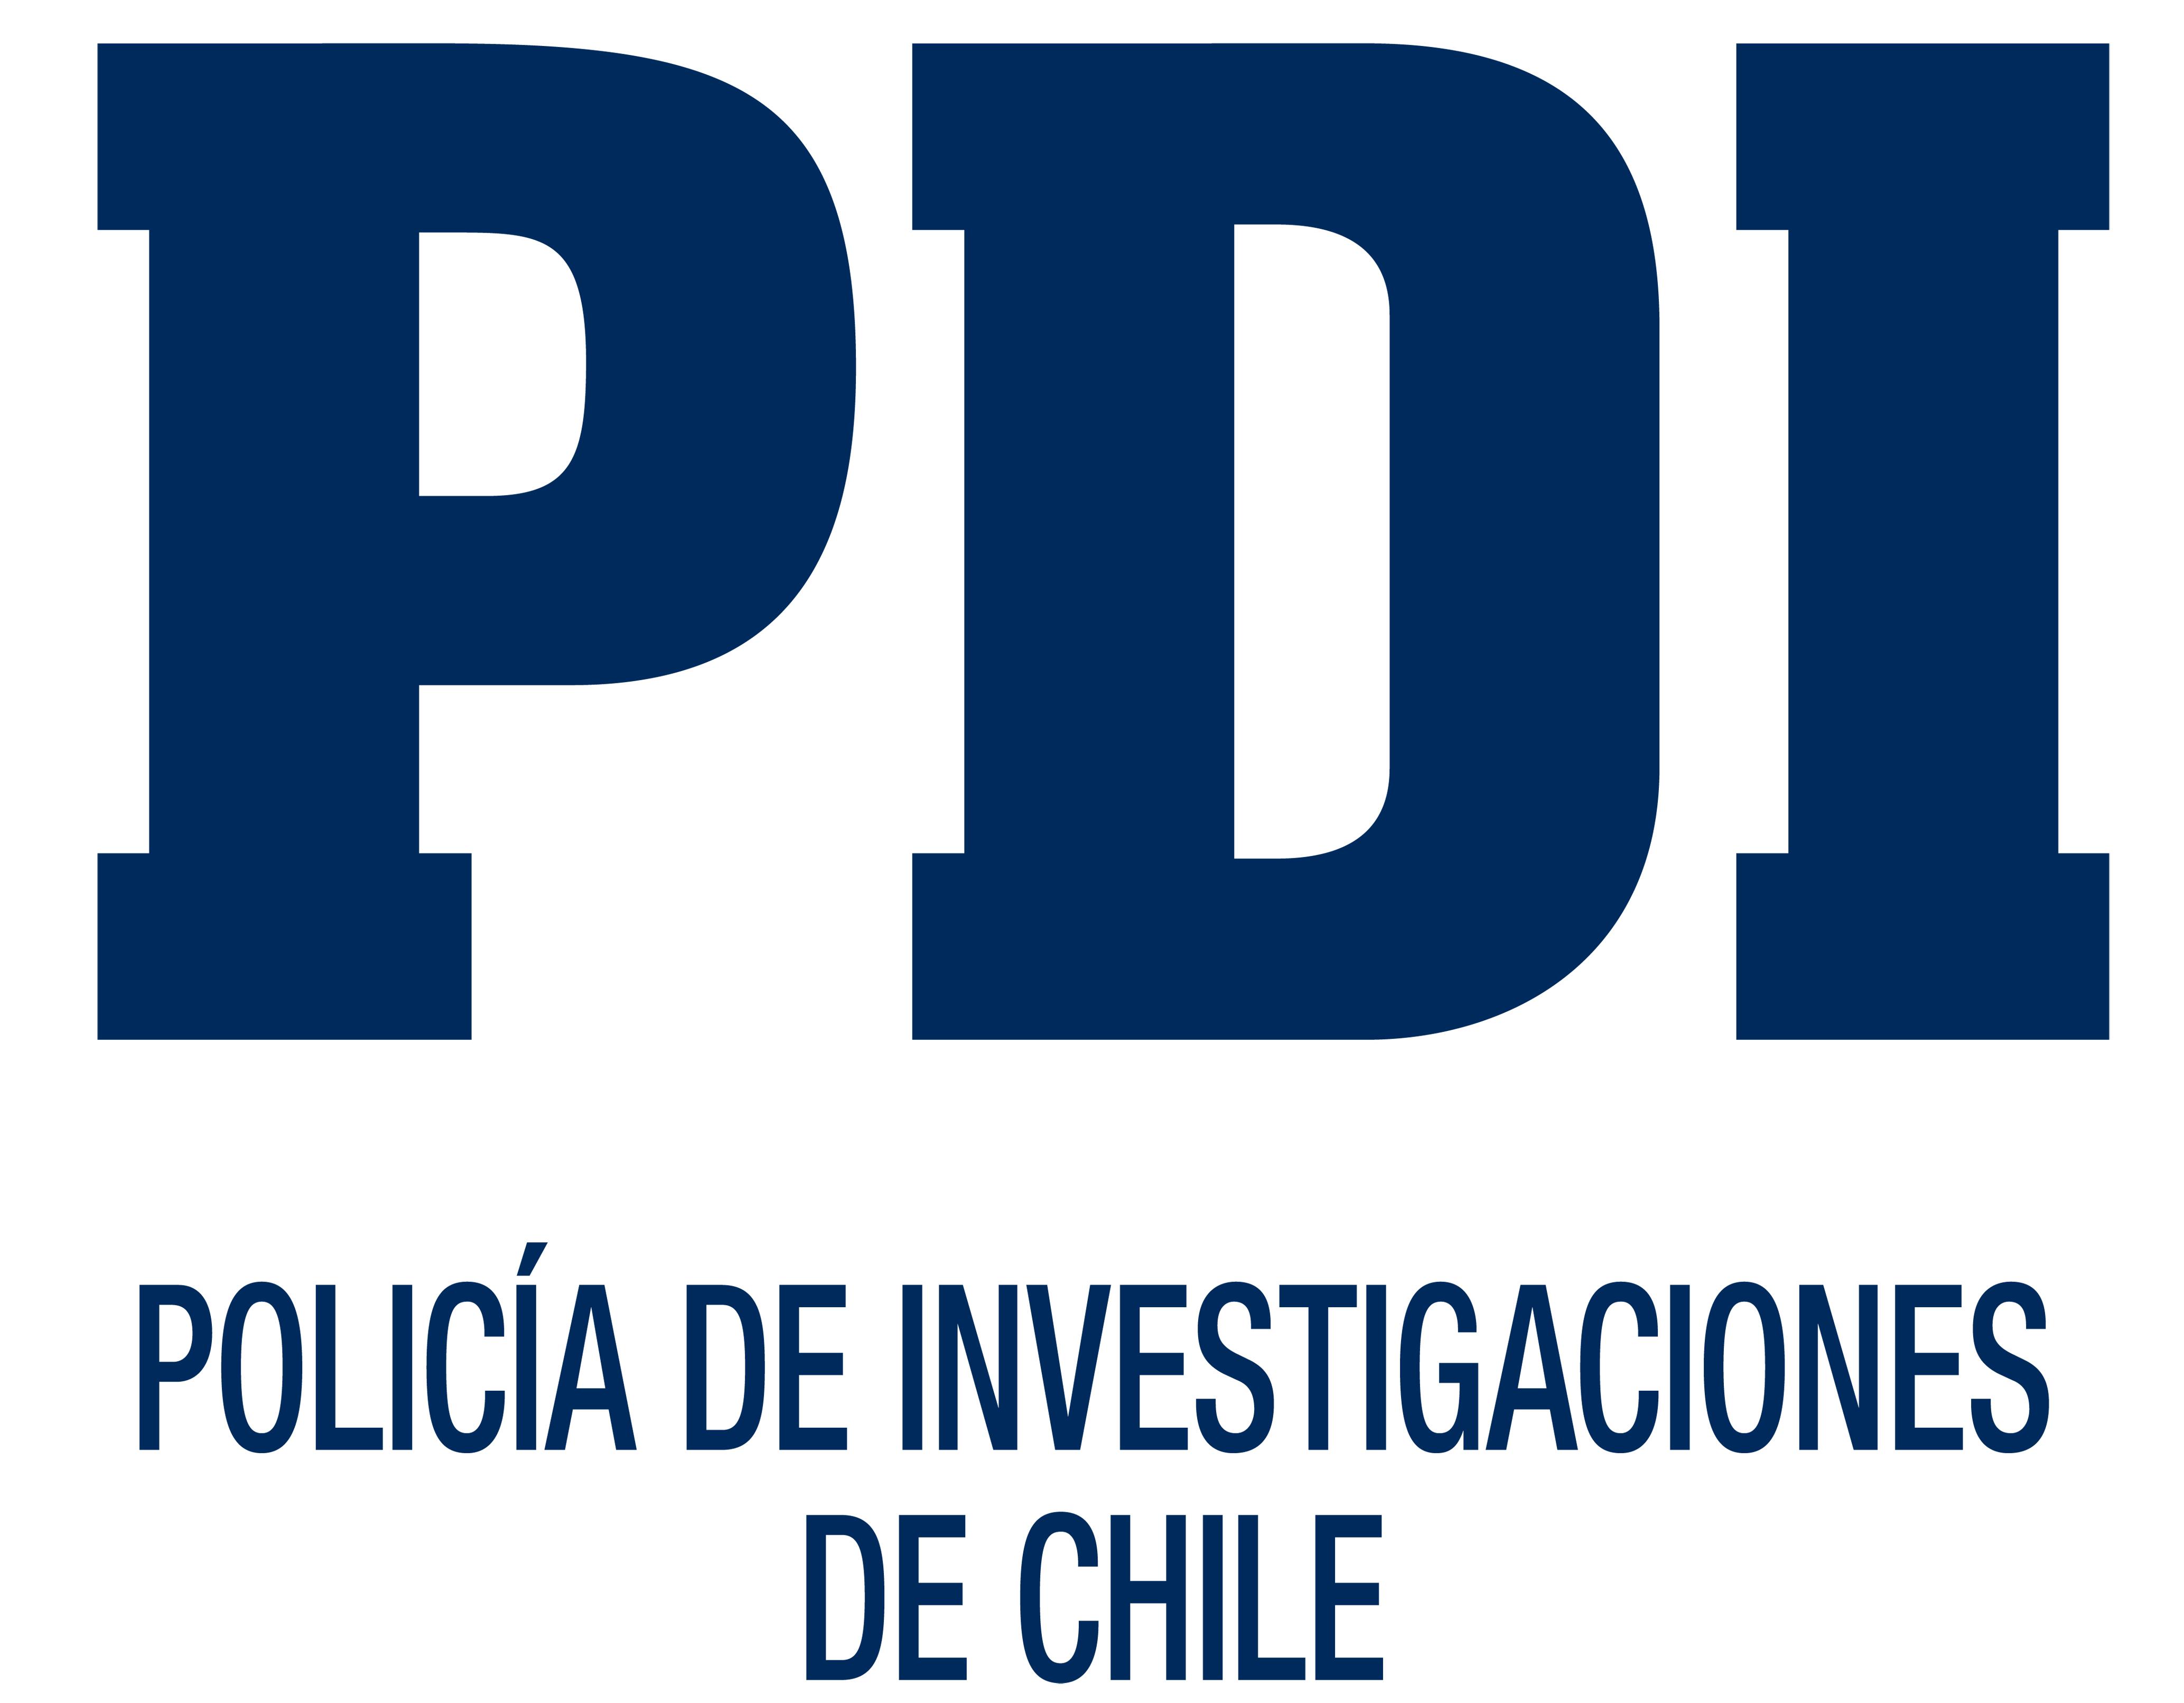 Policía de Investigaciones de Chile - Wikipedia e3debc13f6213